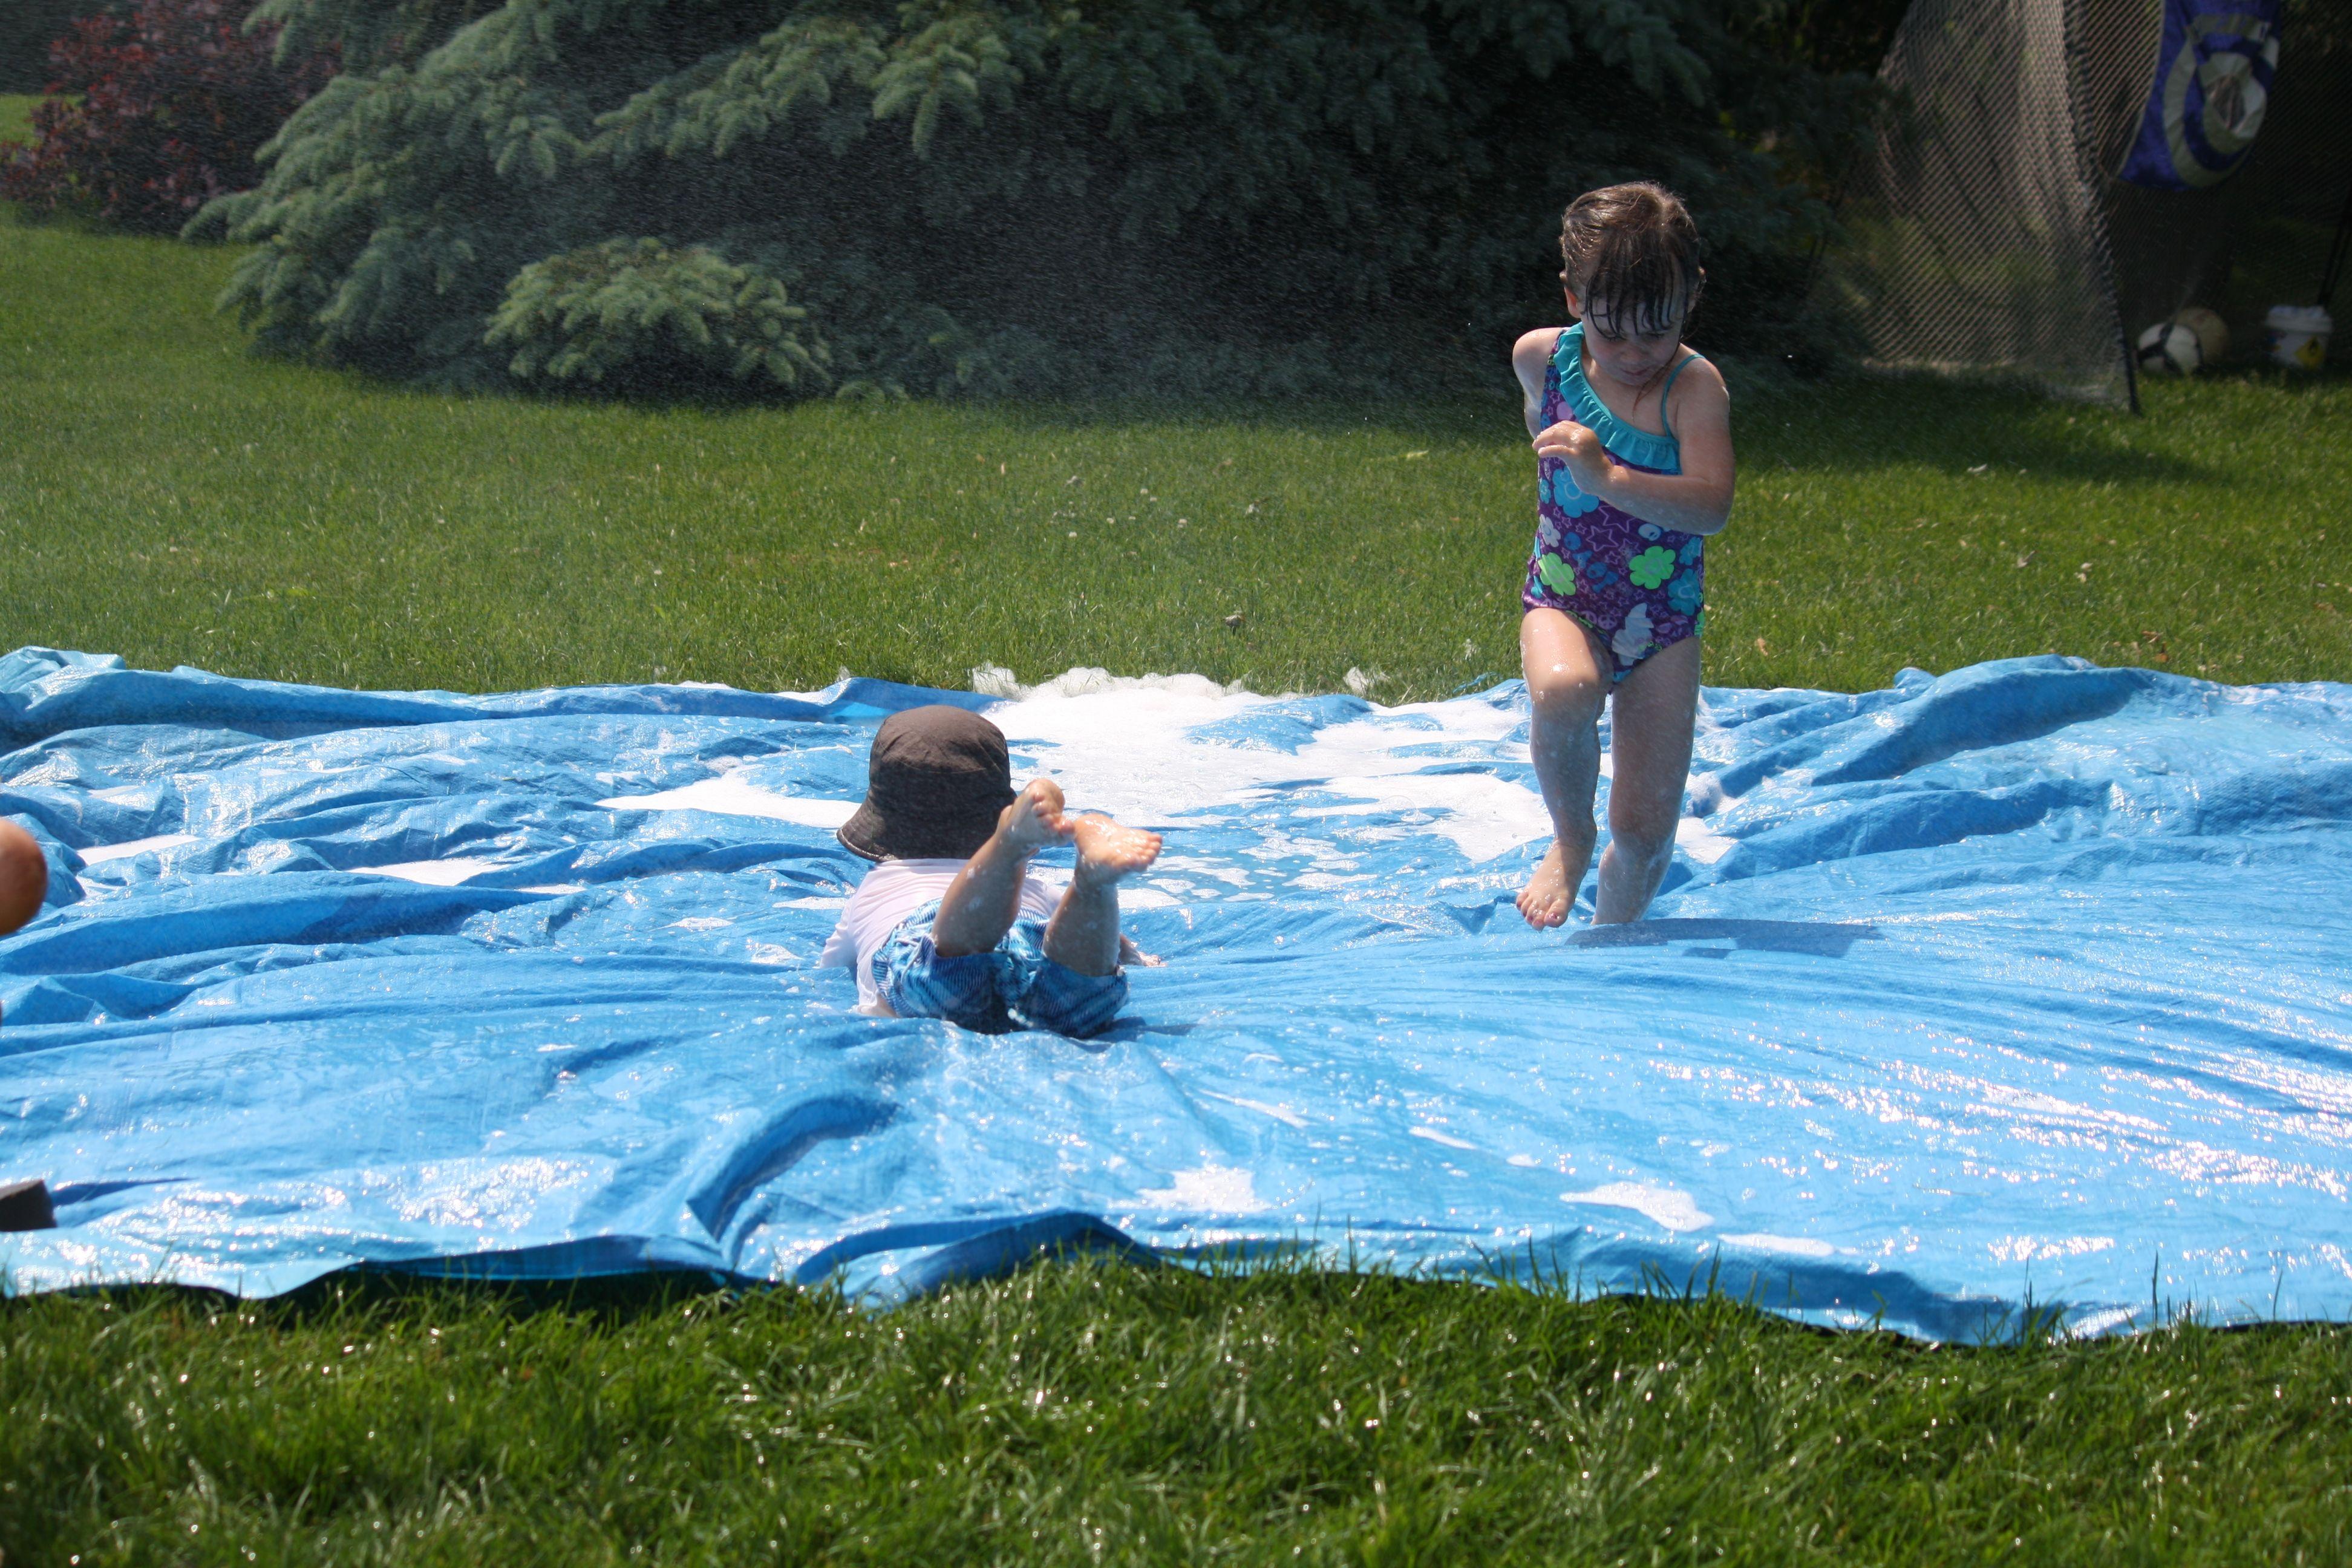 easiest homemade water-slide for the backyard | games | pinterest